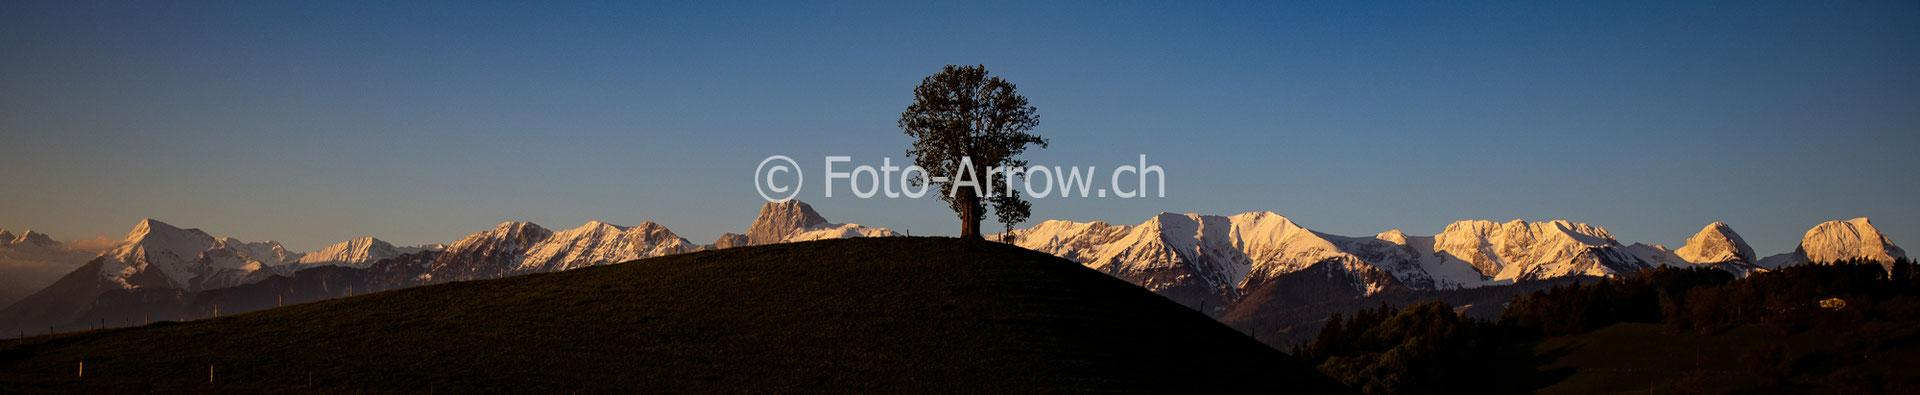 Stockhornkette, Naturpark Gantrisch